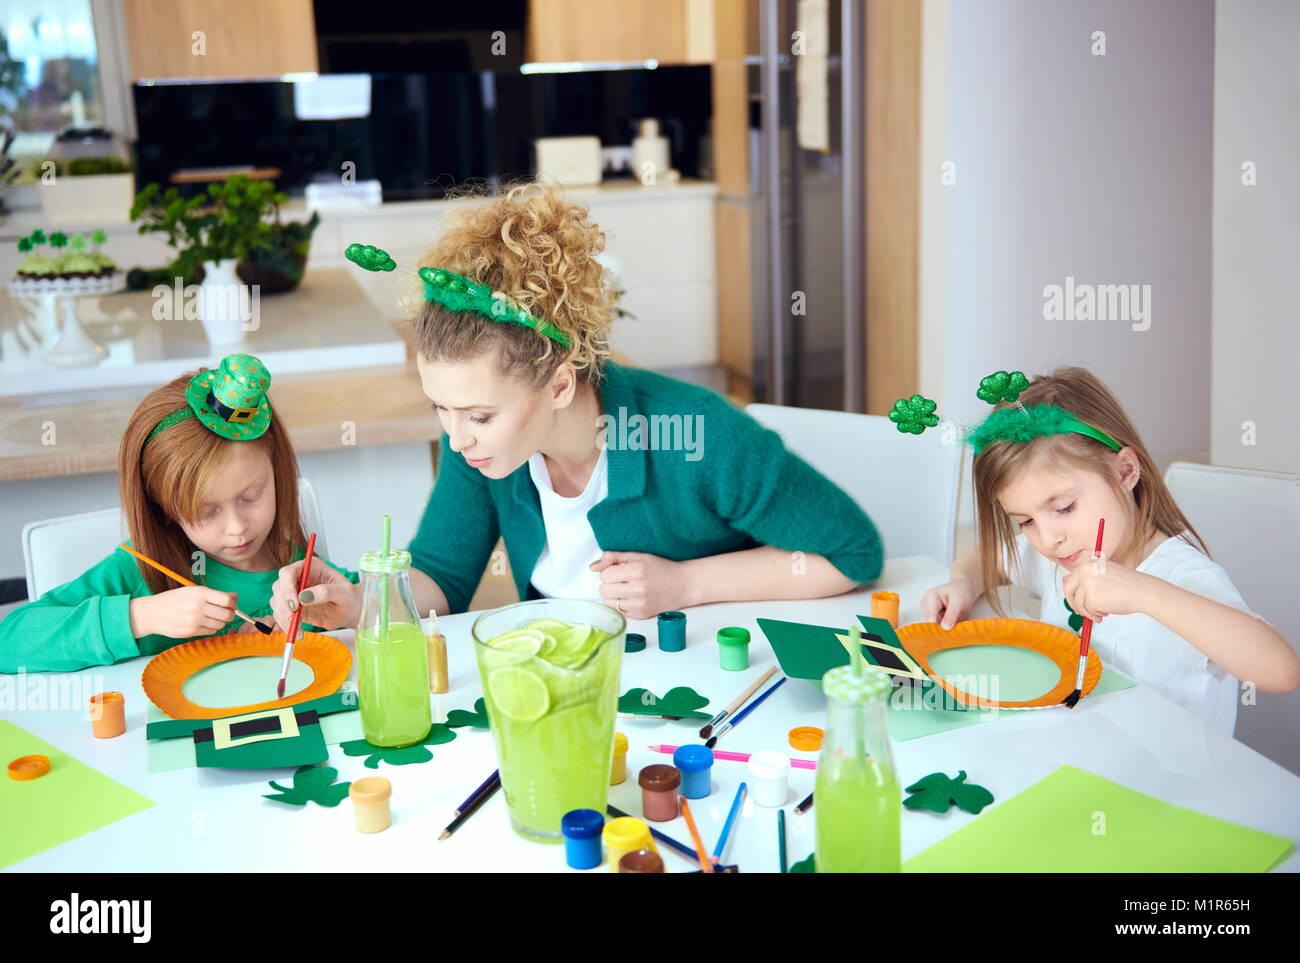 Los niños con madre haciendo decoraciones Imagen De Stock